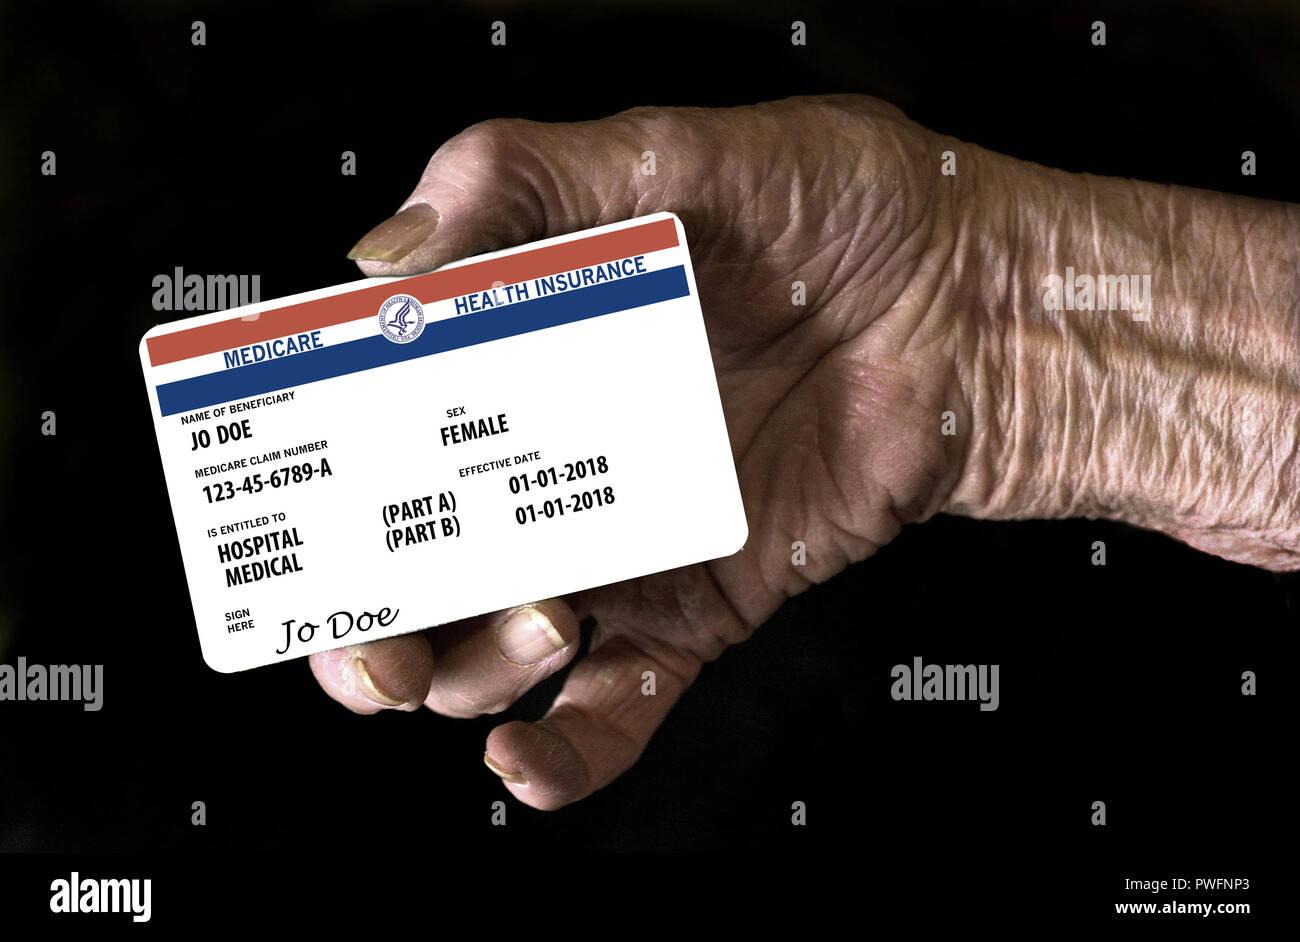 Carte Assurance Maladie Femme.Une Main De Femme Agee Est Titulaire D Une Simulation D